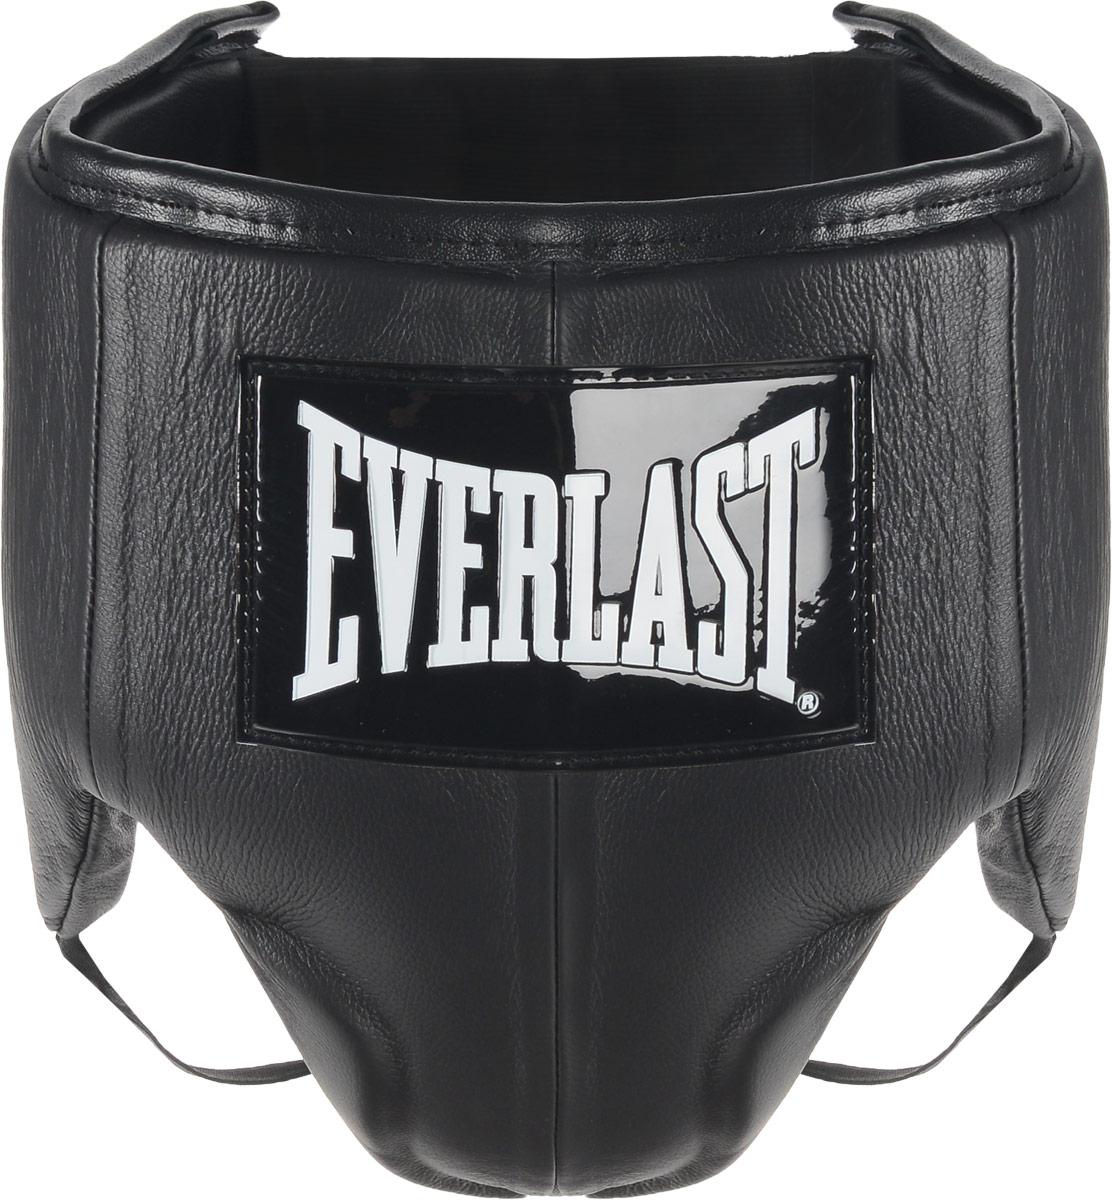 Защита паха мужская Everlast Velcro Top Pro, цвет: черный, белый. Размер SBB1637Everlast Velcro Top Pro это удобный обтягивающий бандаж, идеально подходящий как для тренировочных спаррингов, так и для боя на ринге. Бандаж изготовлен из высококачественной натуральной кожи, а подкладка набита пенным наполнителем высокой плотности, благодаря чему достигается превосходная амортизация ударов. Усовершенствованный облегченный дизайн обеспечивает максимальную подвижность и комфорт, в то же время гарантируя безопасность и полную защиту паха и тазовой области. Удобные застежки на липучке позволят подогнать защиту под ваш размер и плотно зафиксировать ее на теле. Максимальный обхват: 103 см.Минимальный обхват: 90 см.